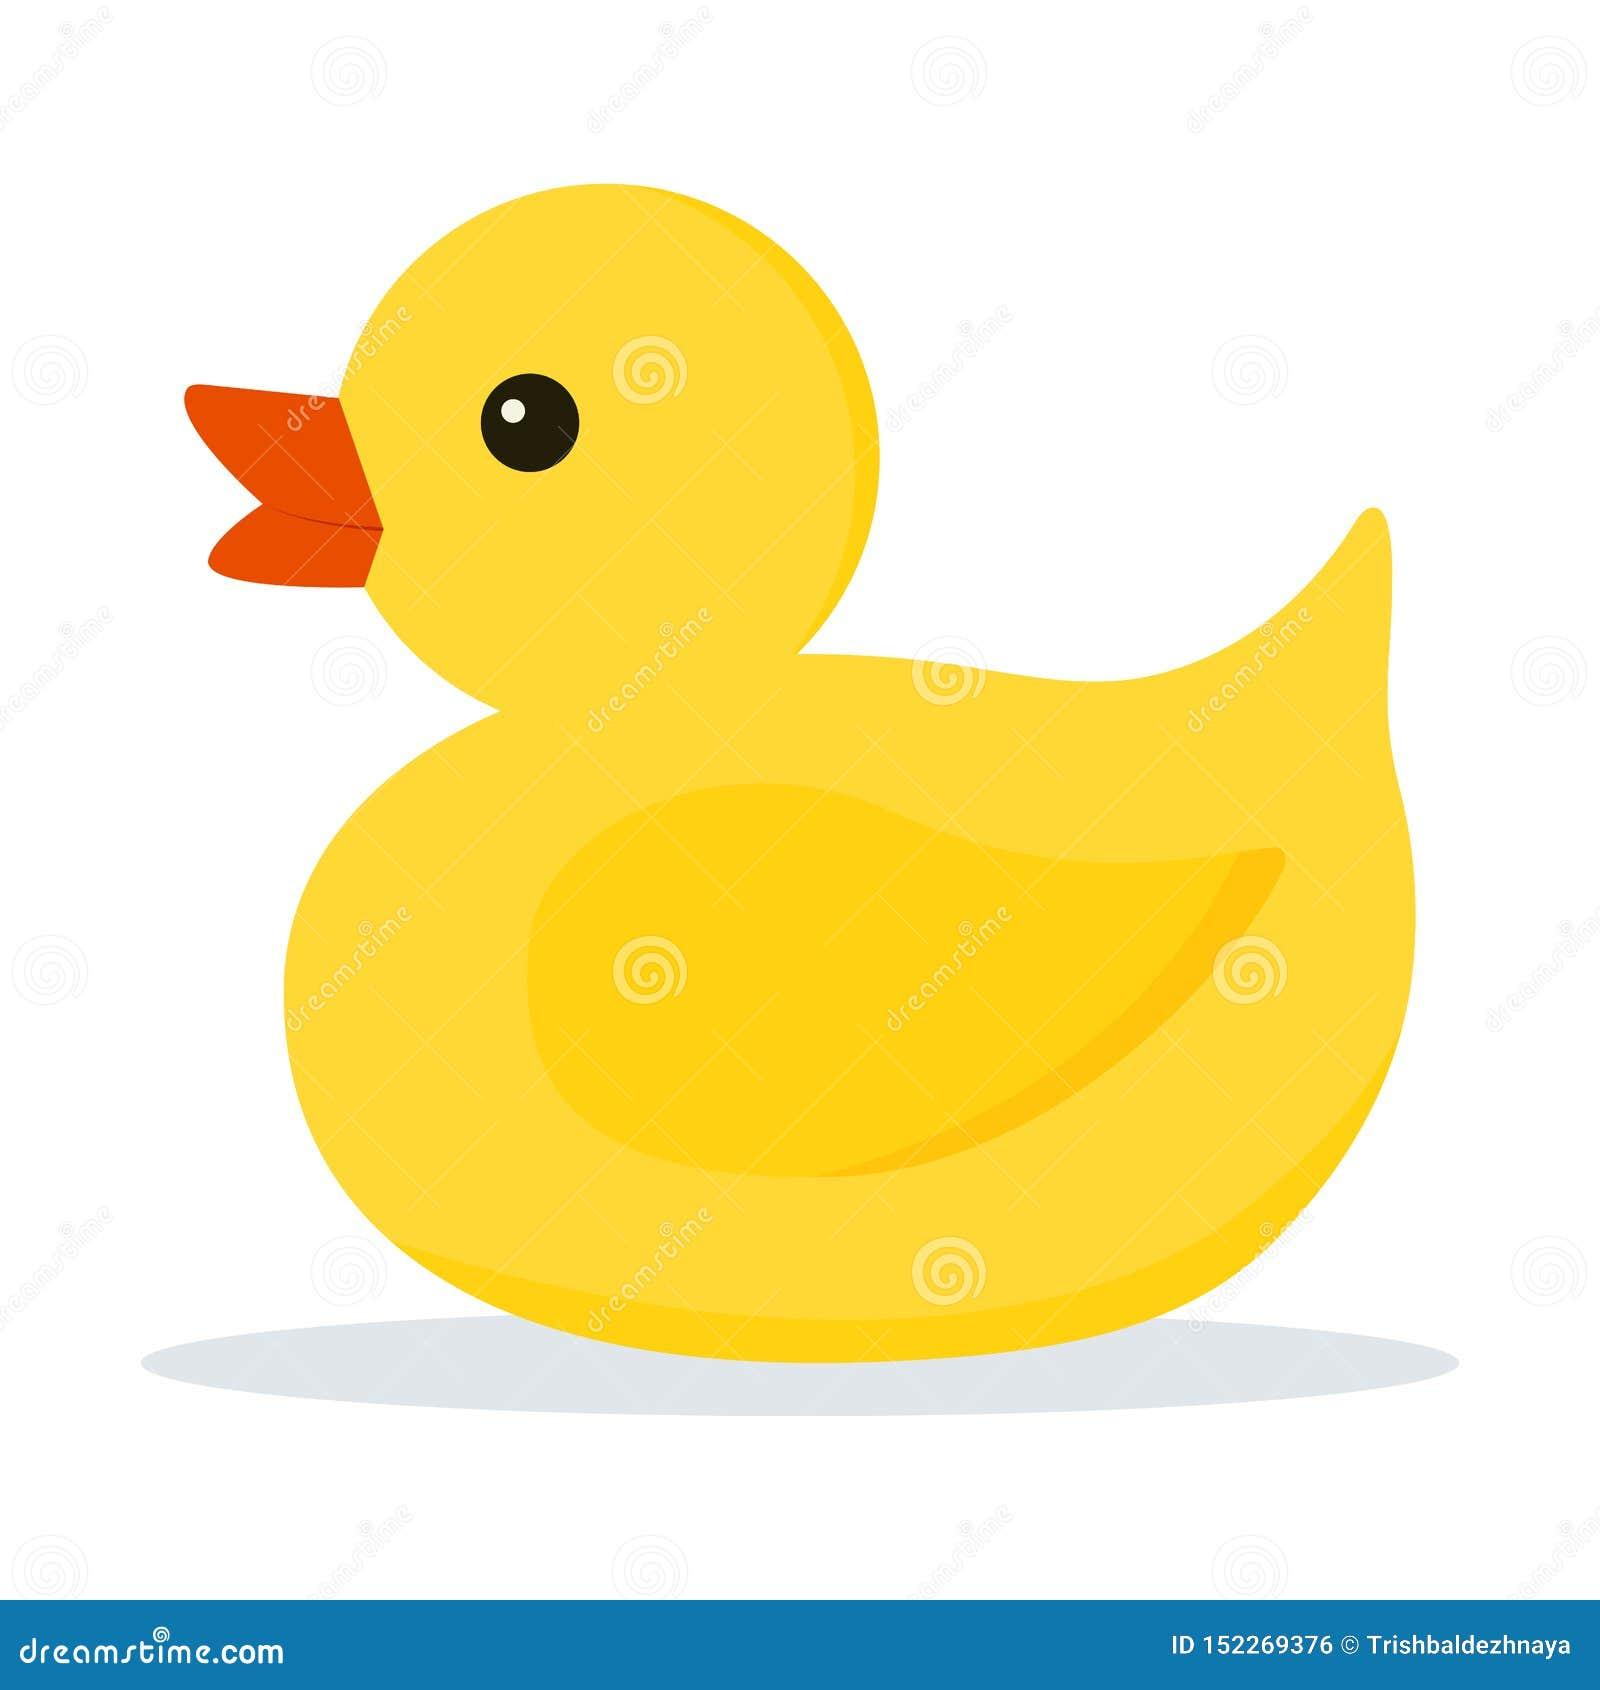 Значок милой маленькой желтой резины или пластиковой игрушки утки для ванны изолированной на белой предпосылке